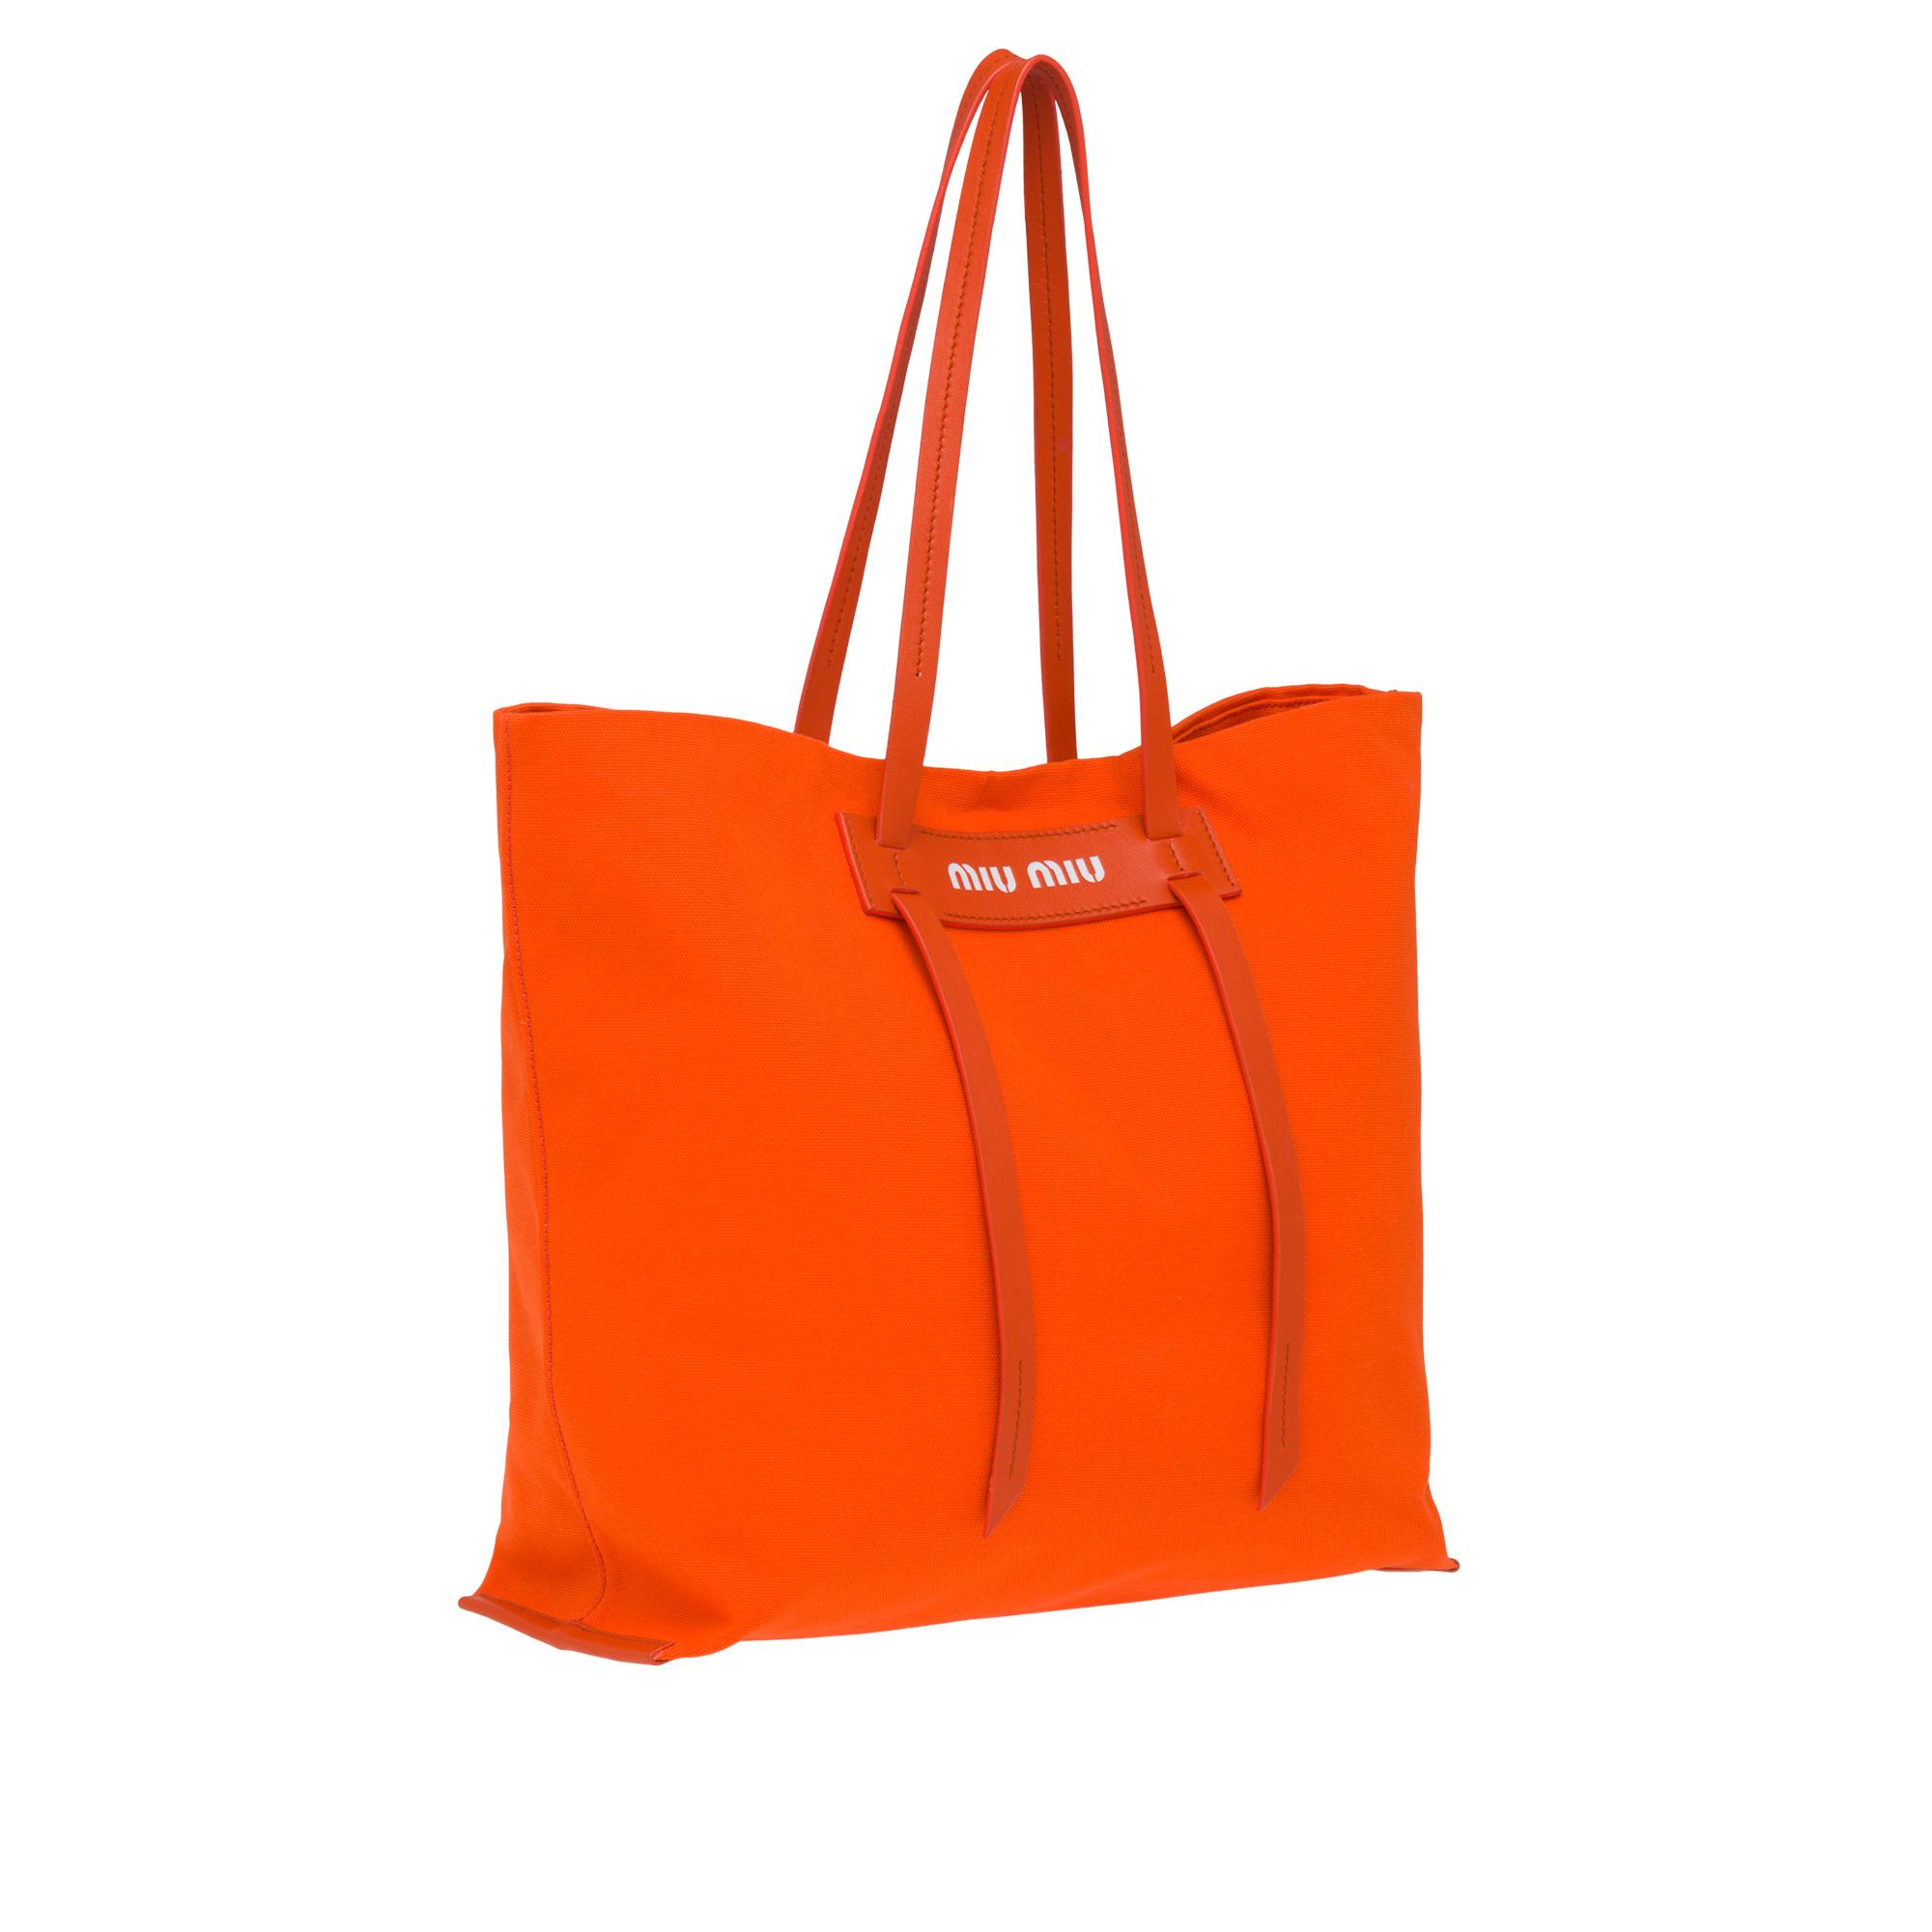 logo tote - Yellow & Orange Miu Miu lBFHn5m2VX